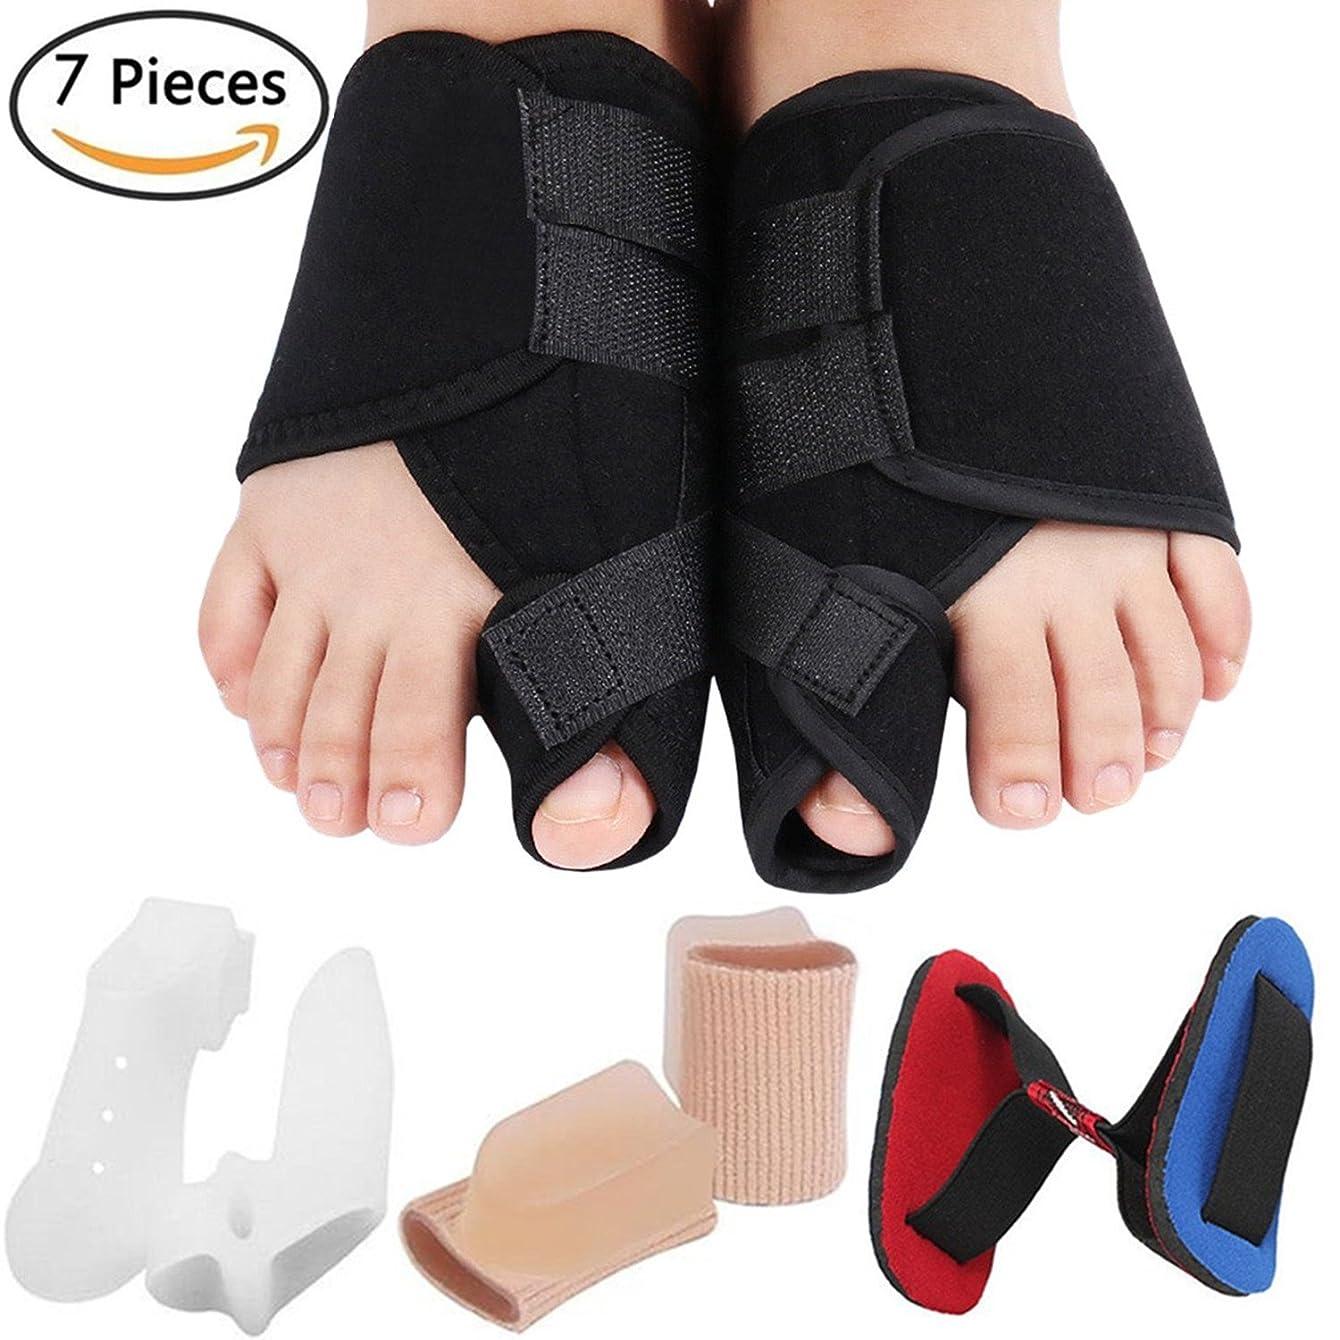 誘惑忘れるナンセンスBunion Corrector Bunion Relief Kit, Bunion Splint Toe Straightener Corrector for Hallux Valgus, Big Toe Joint, Hammer Toes, Splint Aid Surgery Treatment for Women and Men